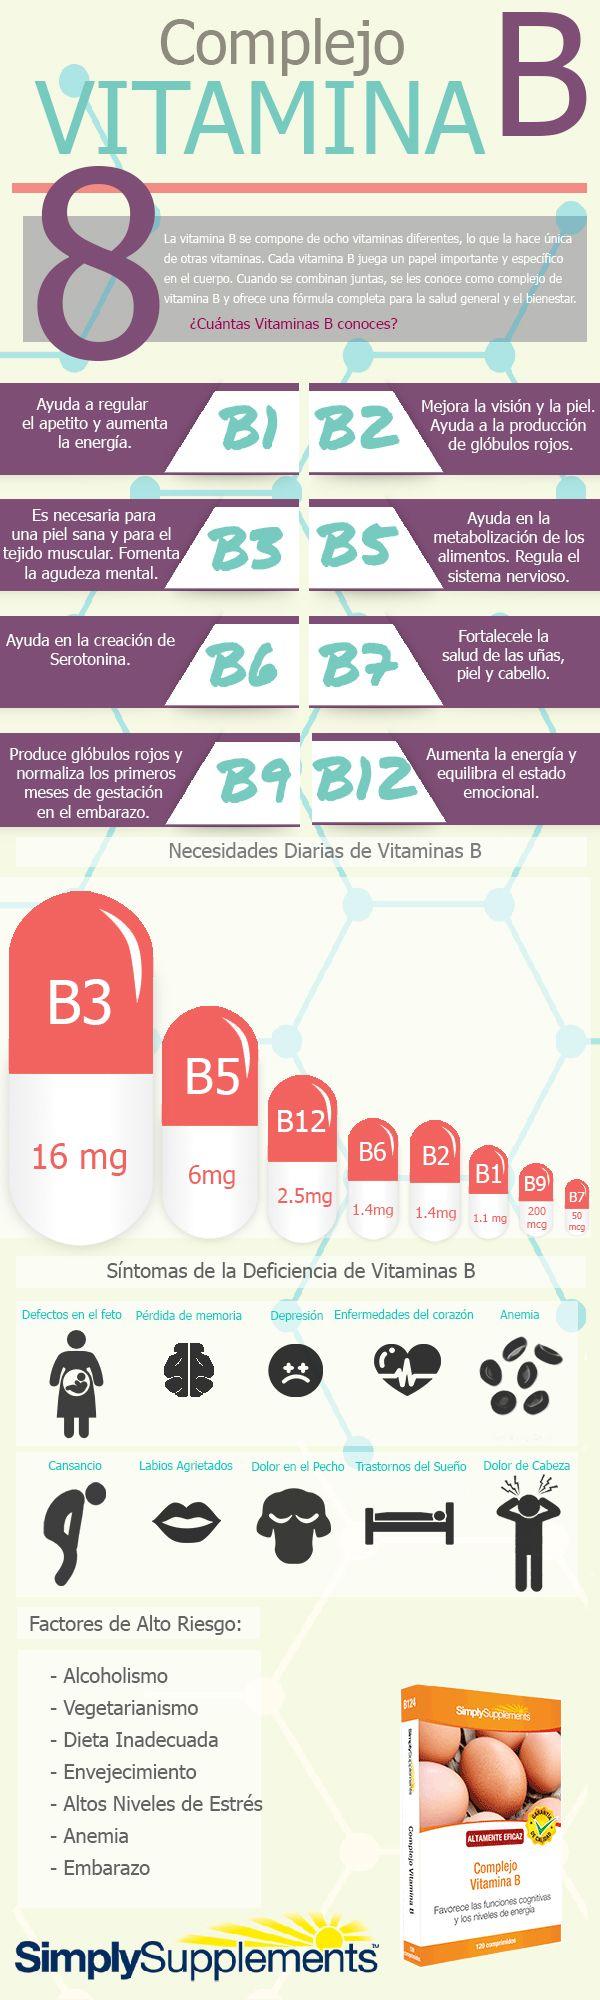 Todo lo que necesitas saber sobre las Vitaminas B. #infografia #vitaminab #salud...